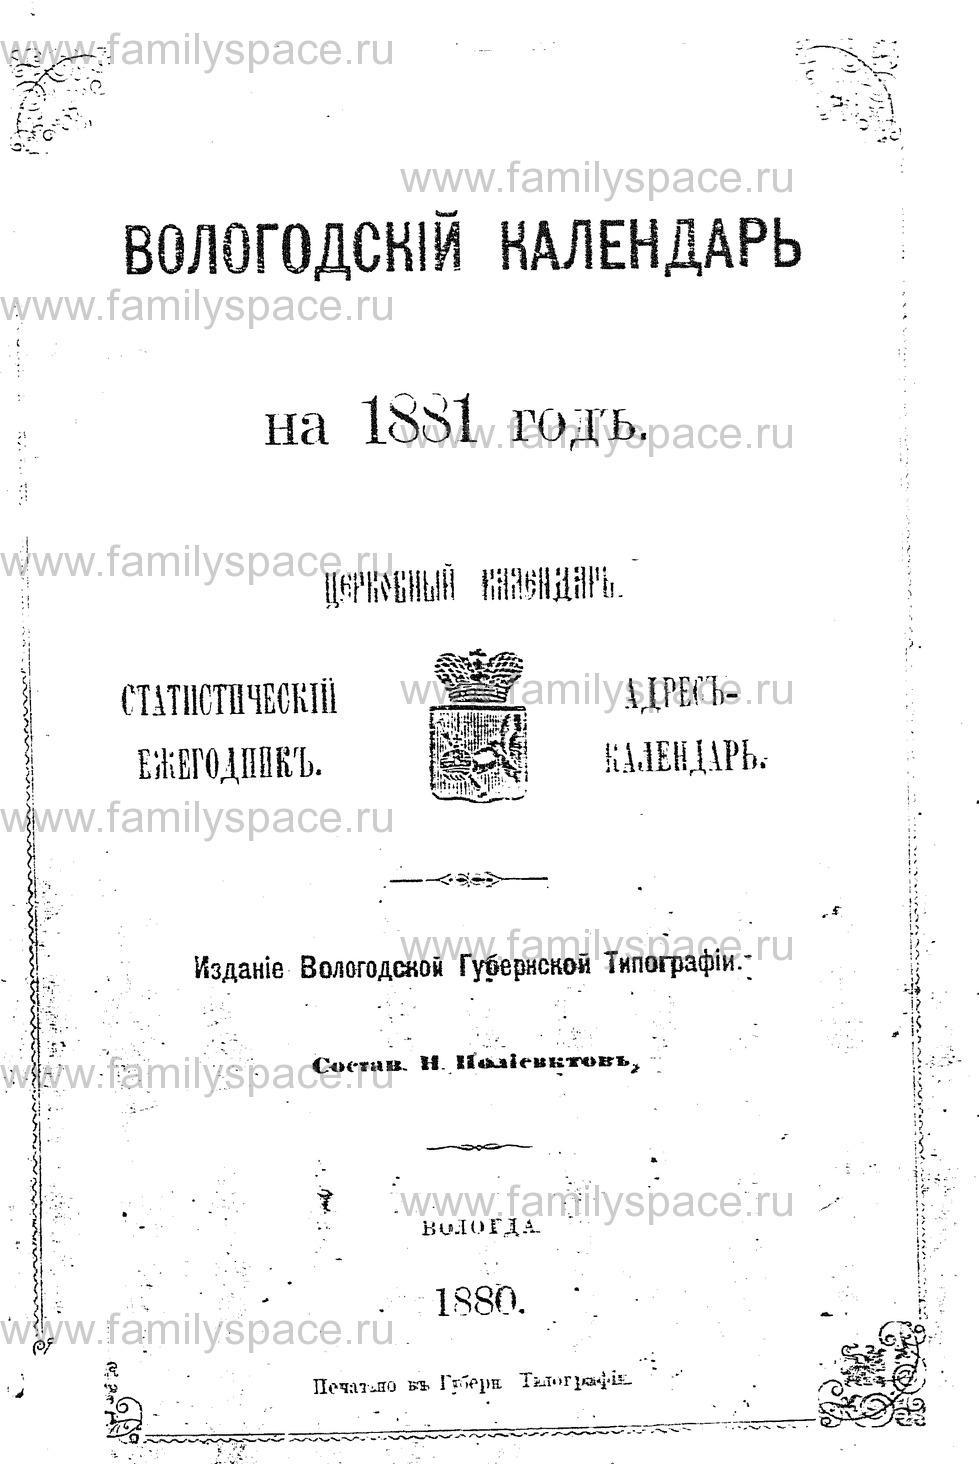 Поиск по фамилии - Вологодский календарь на 1881 г, страница 1